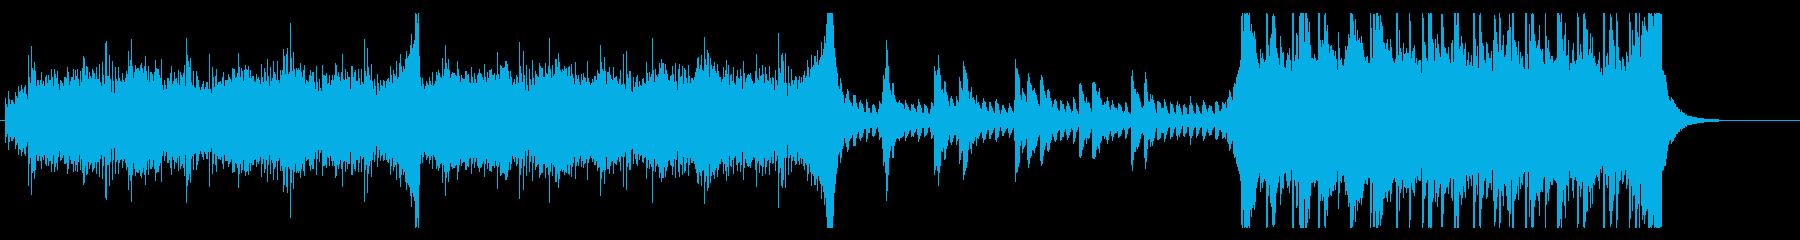 ストリングスとシンセアルペジオの緊迫感の再生済みの波形